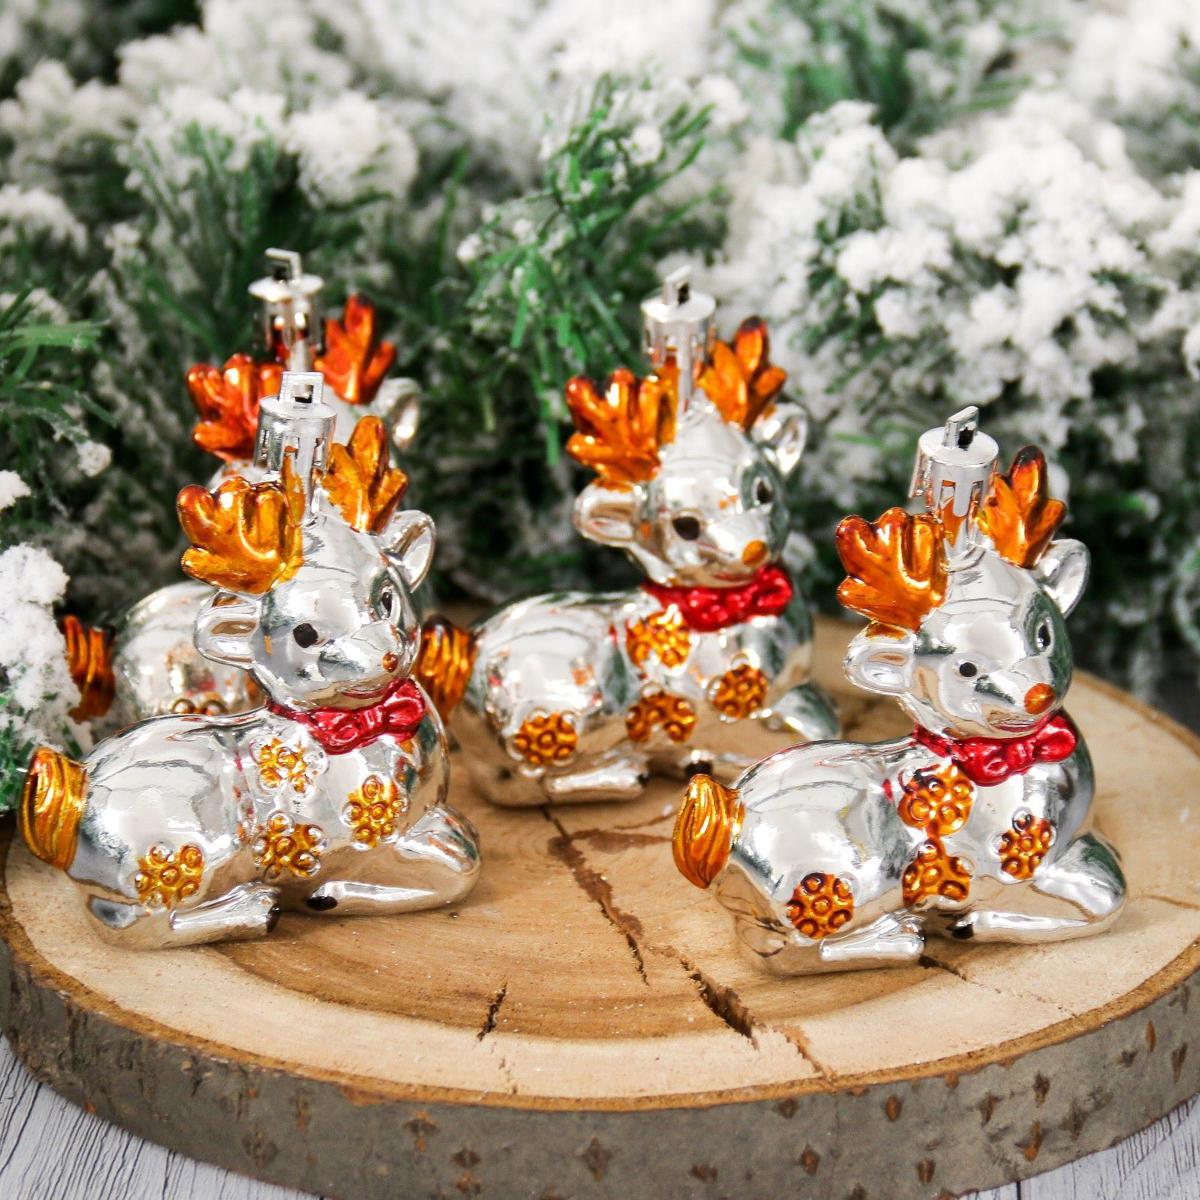 Набор новогодних подвесных украшений Олешки, высота 8,5 см, 4 шт2155340Набор новогодних подвесных украшений отлично подойдет для декорации вашего дома и новогодней ели. С помощью специальной петельки украшение можно повесить в любом понравившемся вам месте. Но, конечно, удачнее всего оно будет смотреться на праздничной елке.Елочная игрушка - символ Нового года. Она несет в себе волшебство и красоту праздника. Такое украшение создаст в вашем доме атмосферу праздника, веселья и радости.